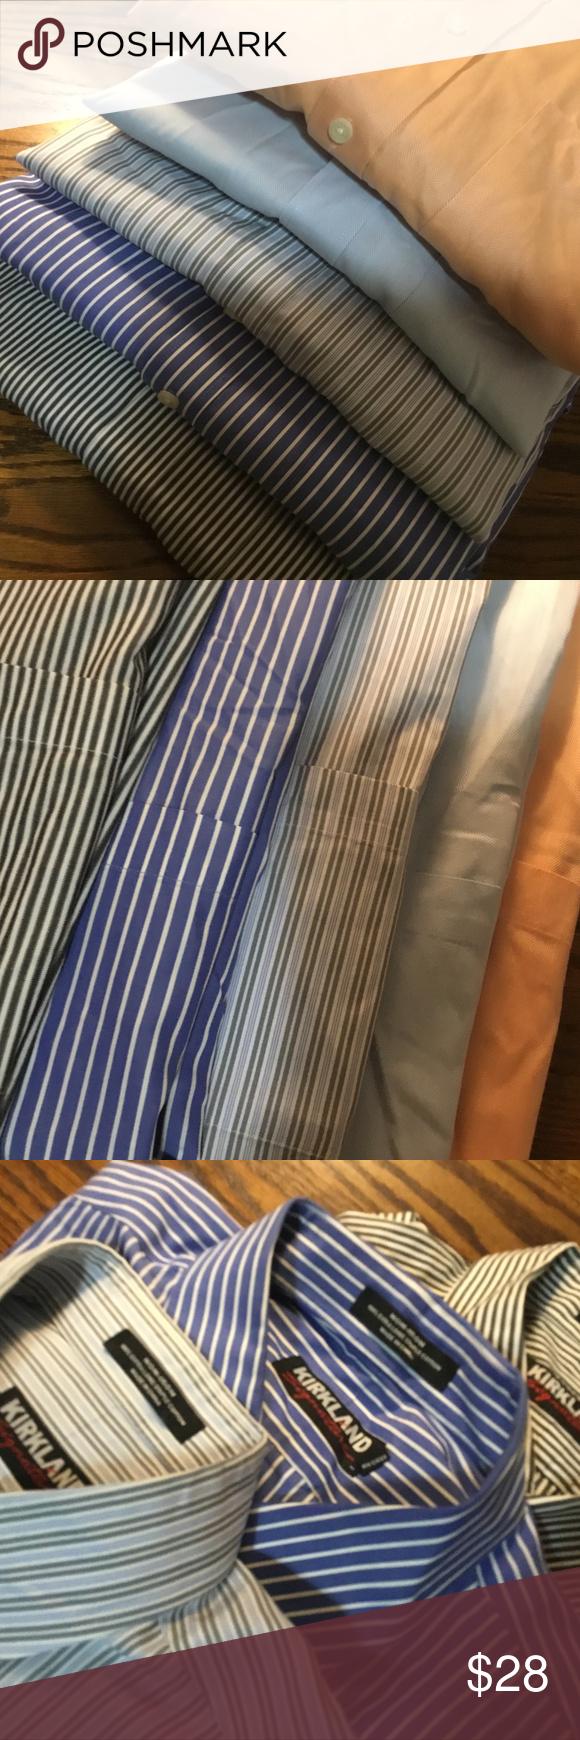 5 Kirkland Dress Shirts Xl Stripes Solids Costco In 2018 My Posh